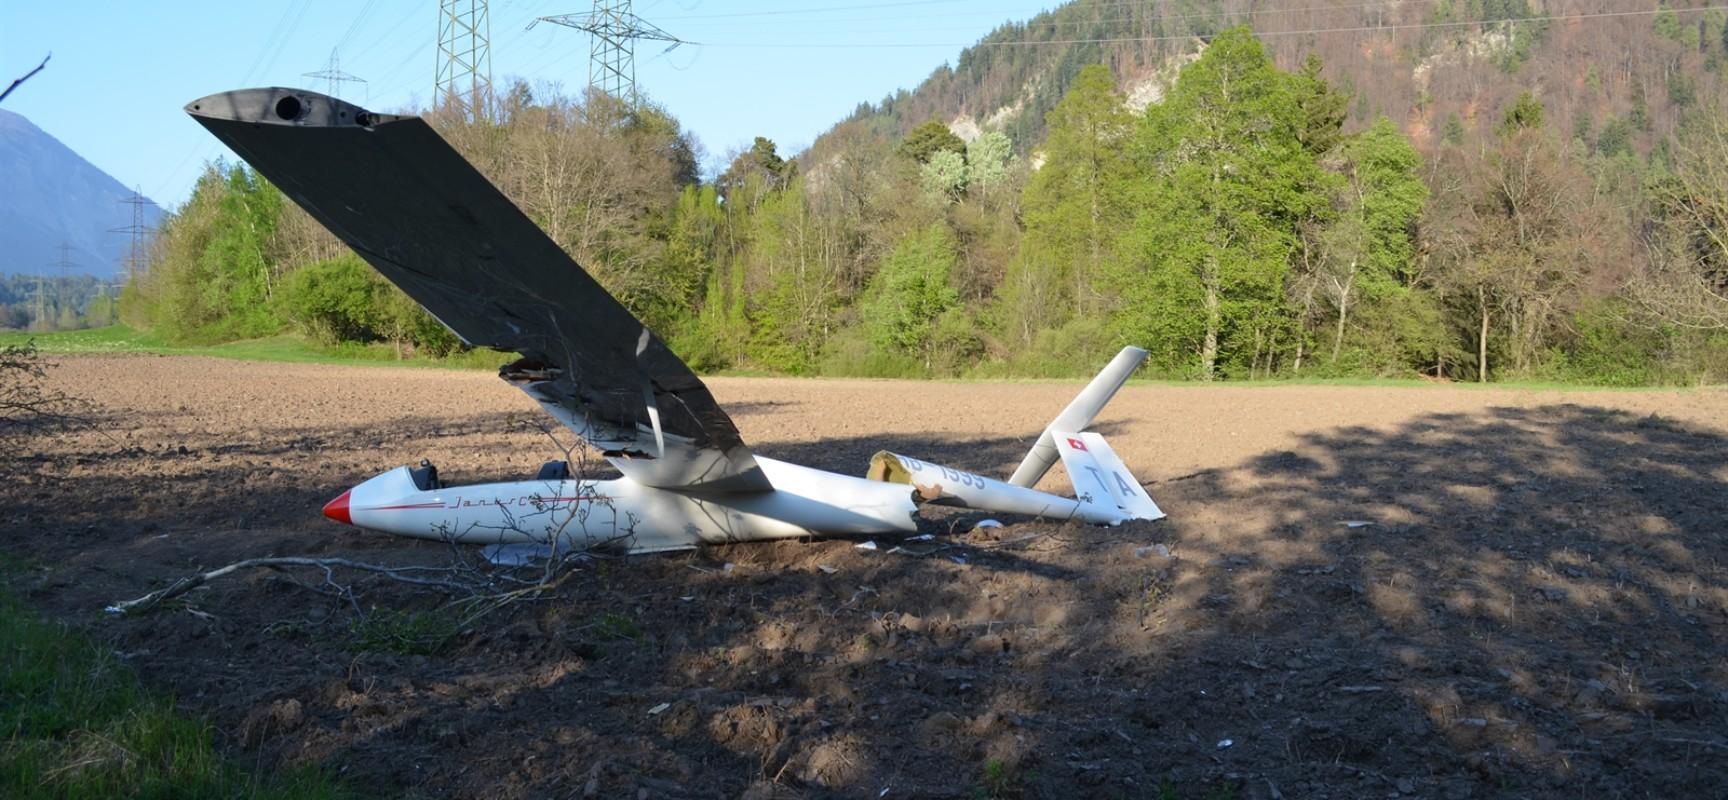 Flugunfall in Rhäzüns: Flugzeug bei Notlandung abgestürzt